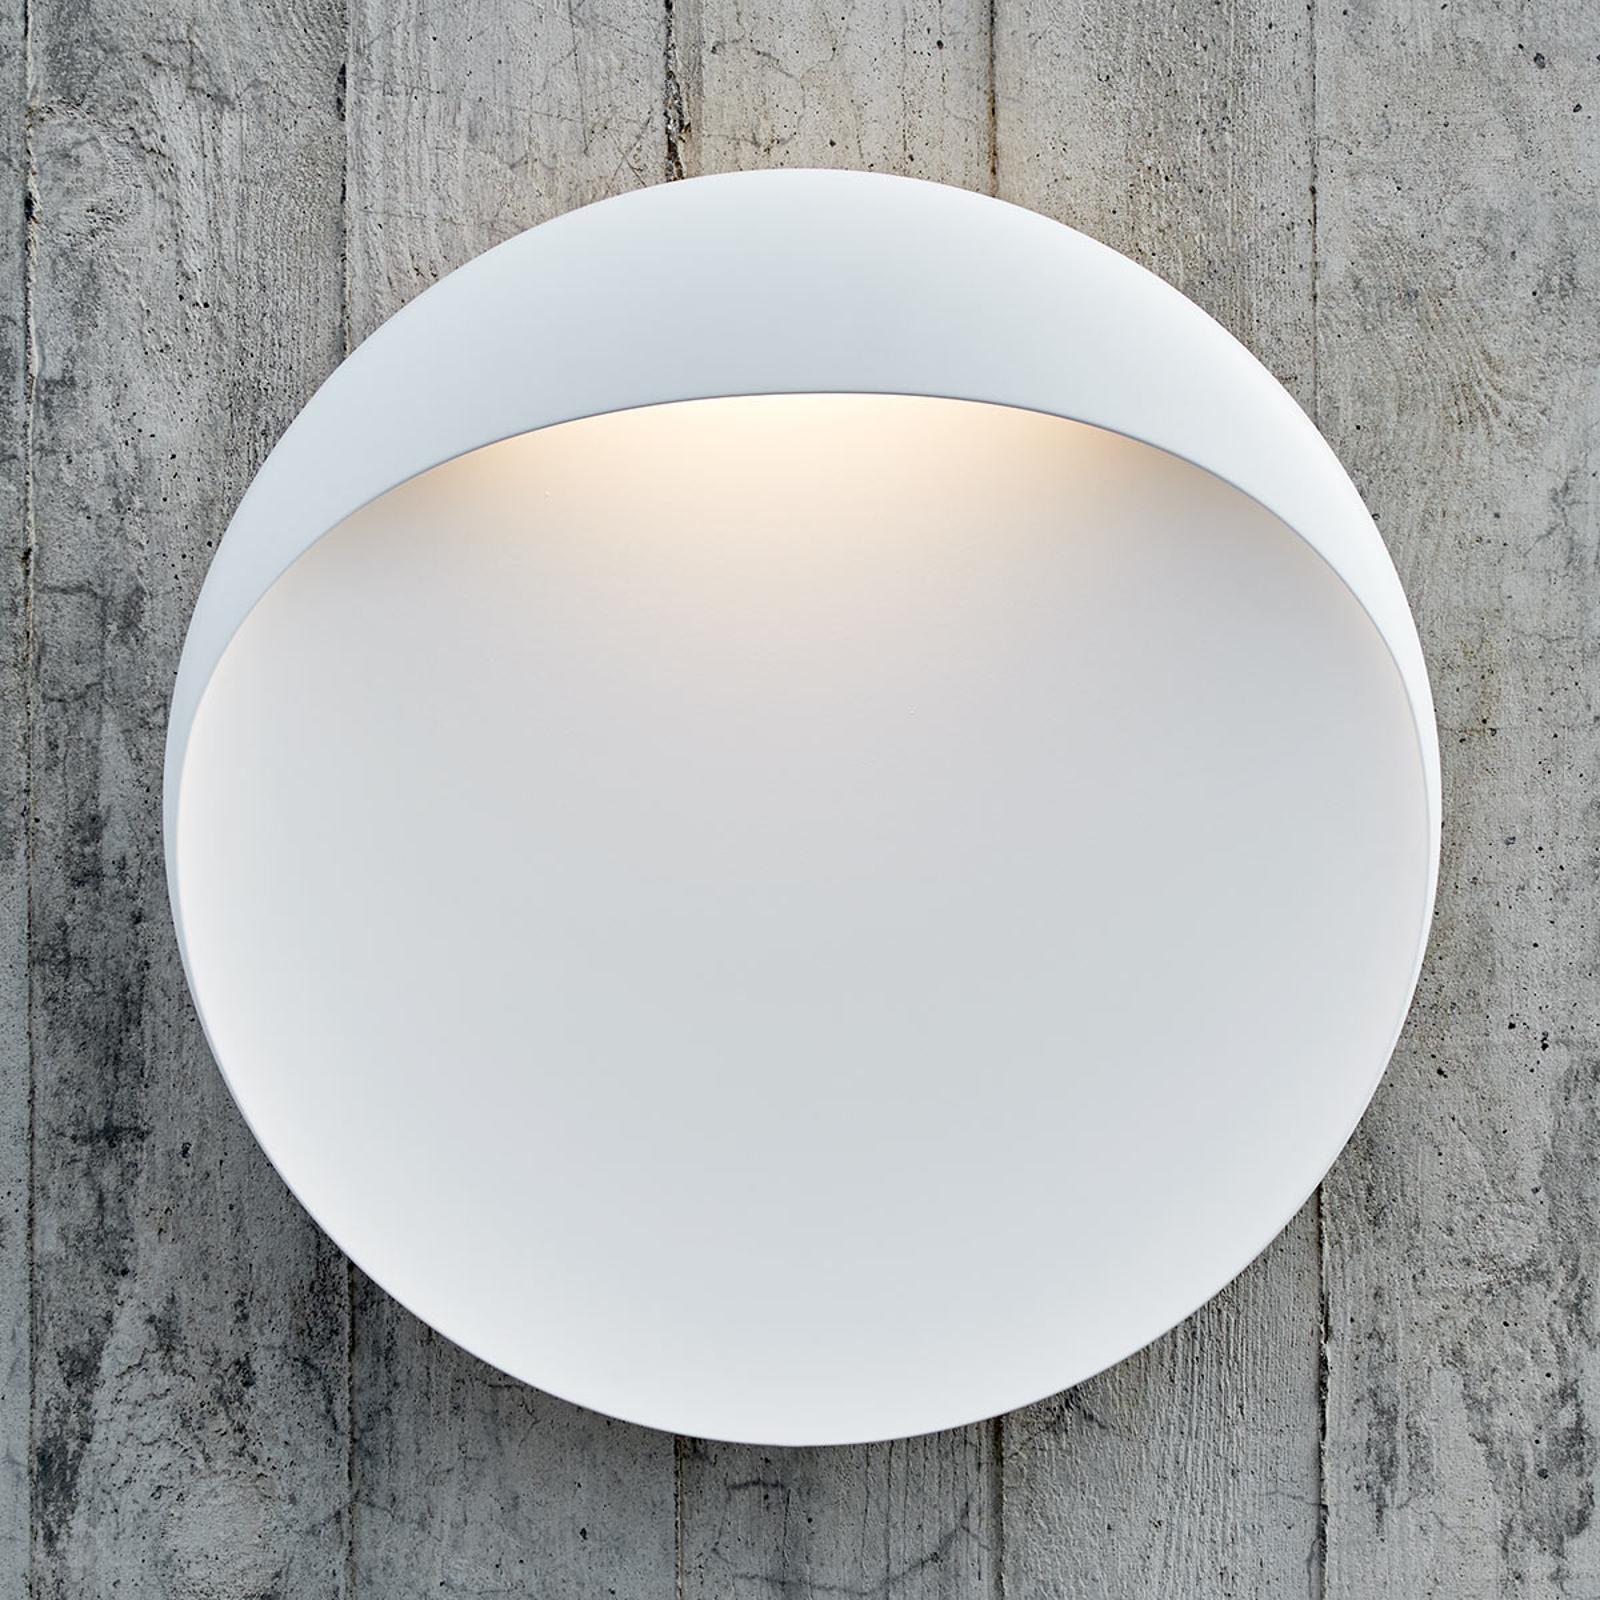 Louis Poulsen Flindt wandlamp Ø 20 cm wit 3.000K